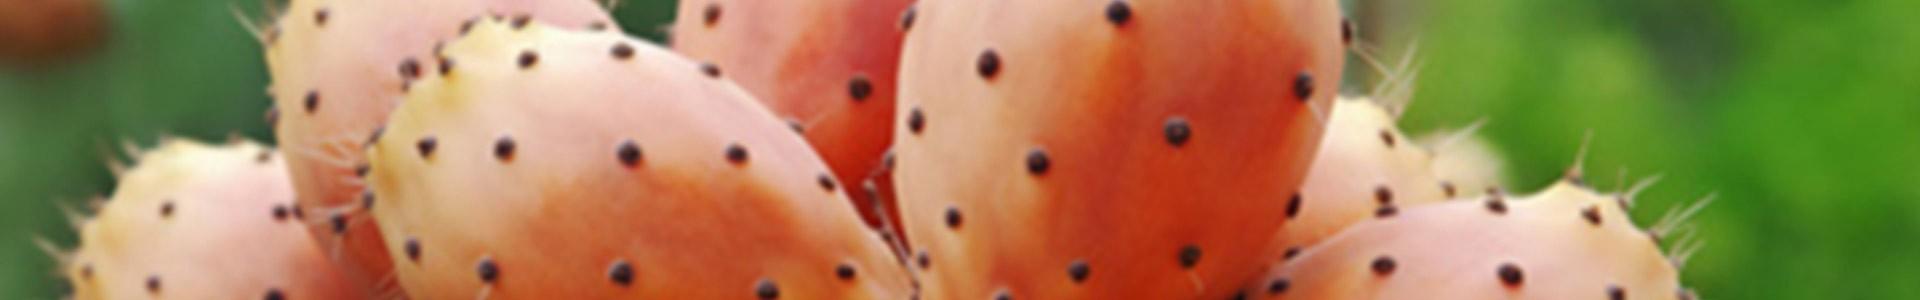 Kaktusfeigenkernöl - Gesichtsprodukte für reife Haut